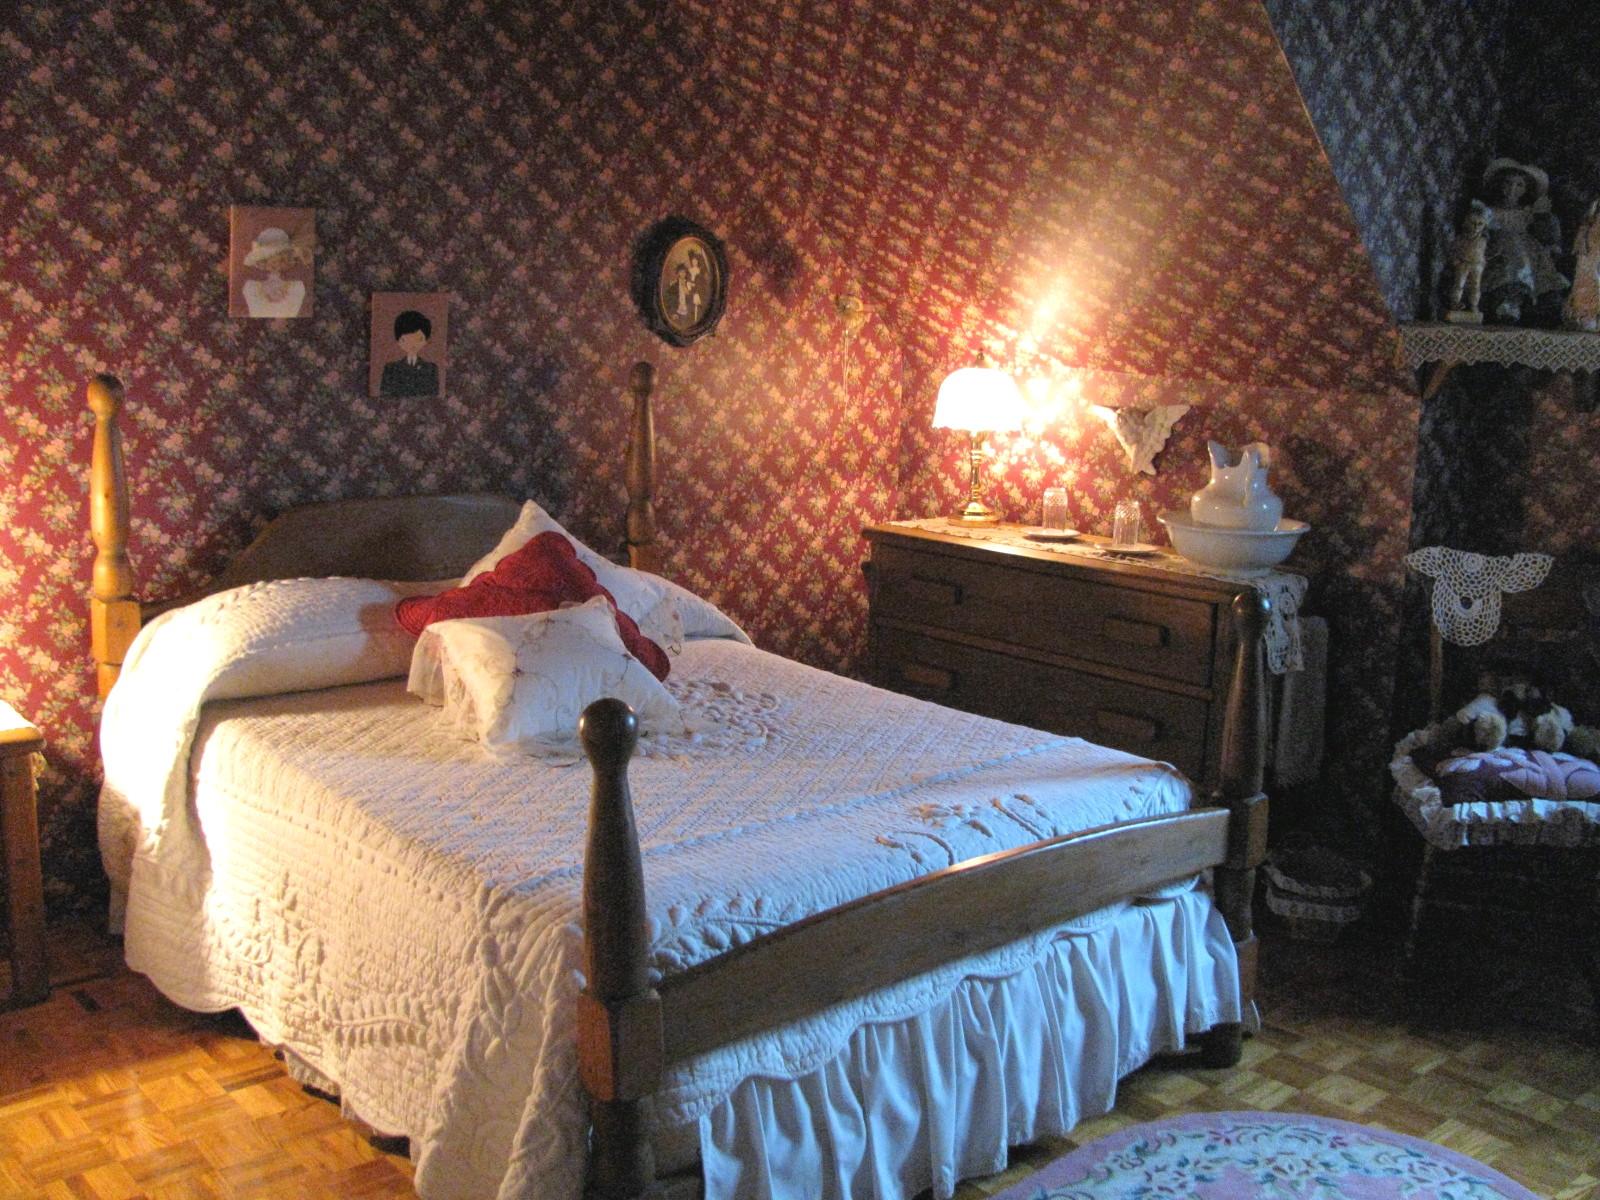 http://4.bp.blogspot.com/_sLsD_kMG_II/TMX2K0Jy4RI/AAAAAAAAAg0/_iO5vFTrnIc/s1600/B&B+Nid+fleuri+1.jpg